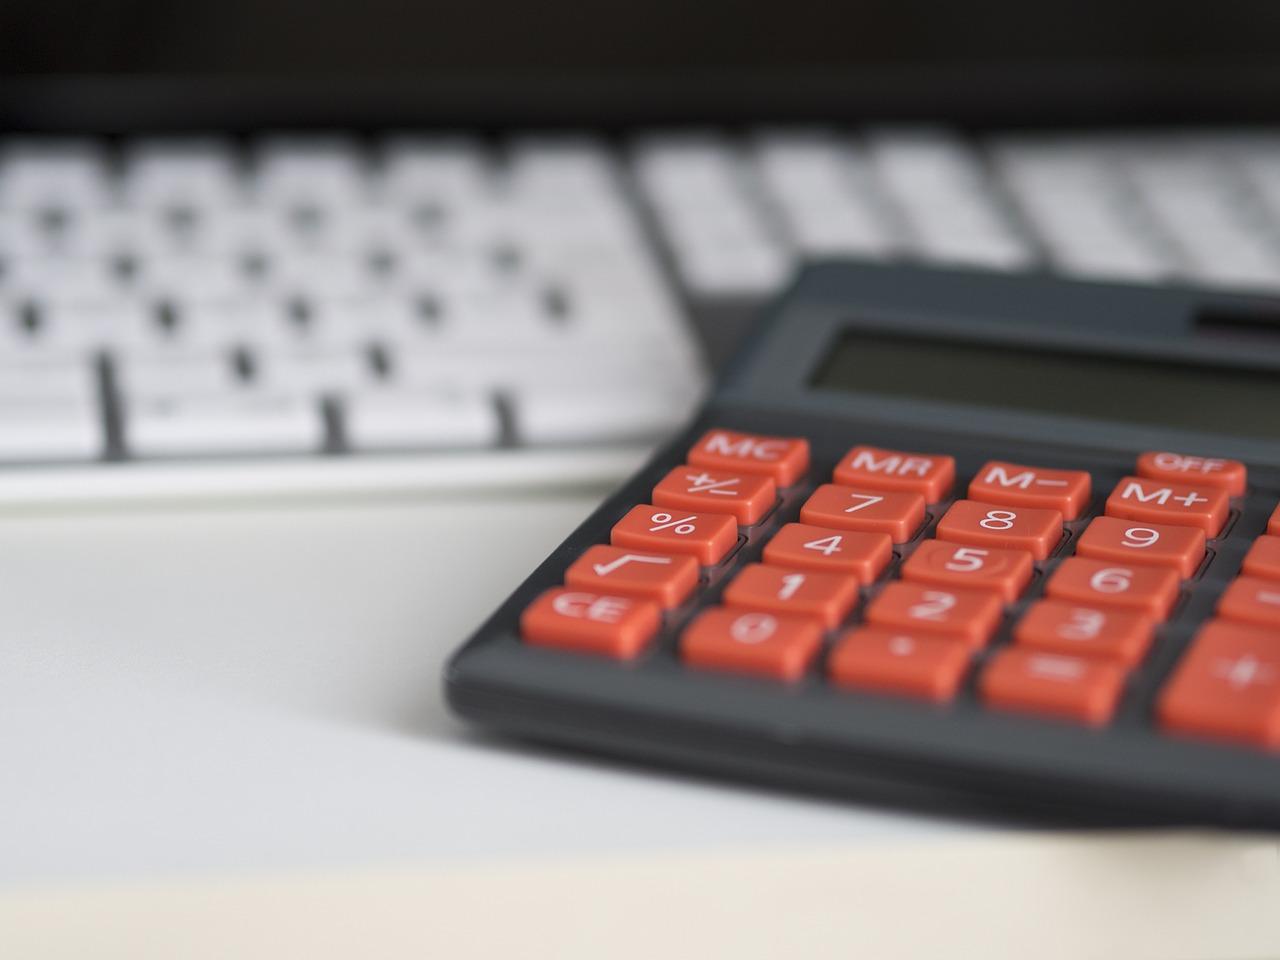 Rentabilité locative. Calculatrice noir et rouge posée à côté d'un clavier